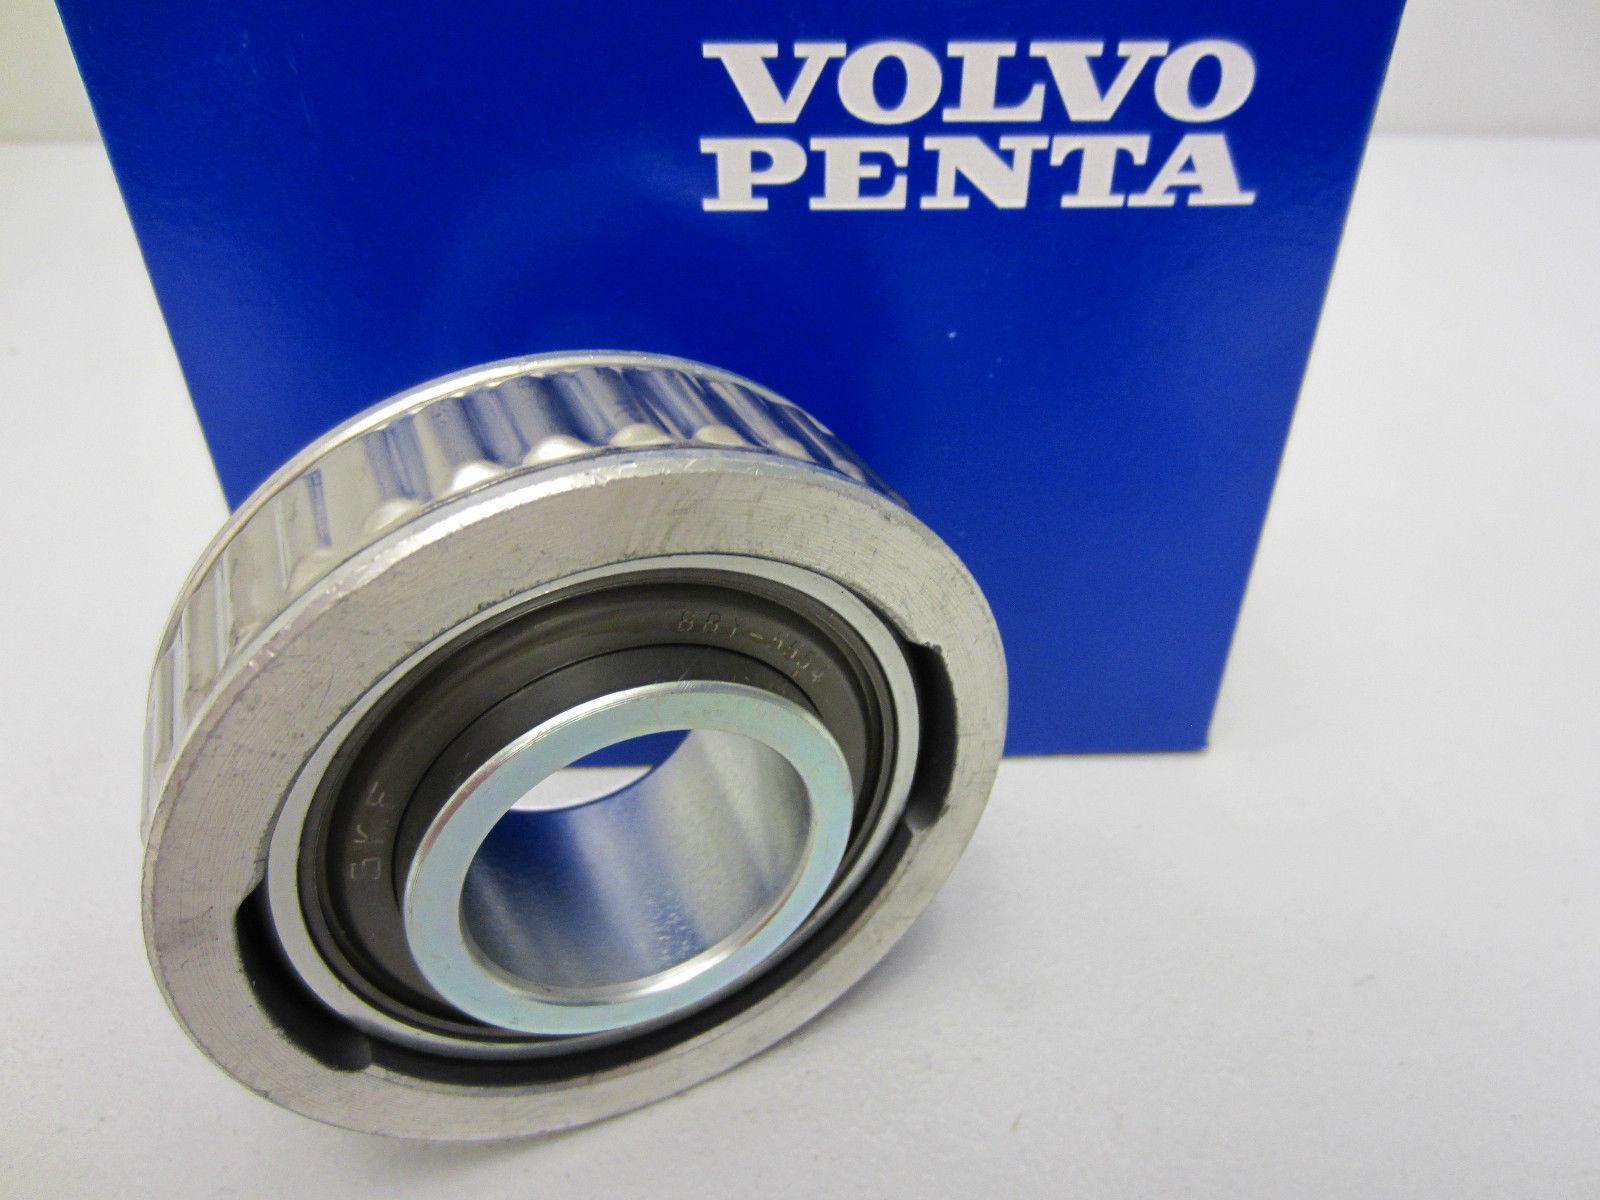 Volvo Penta 3888555 Bearing Gimbal Volvo Penta 3888555